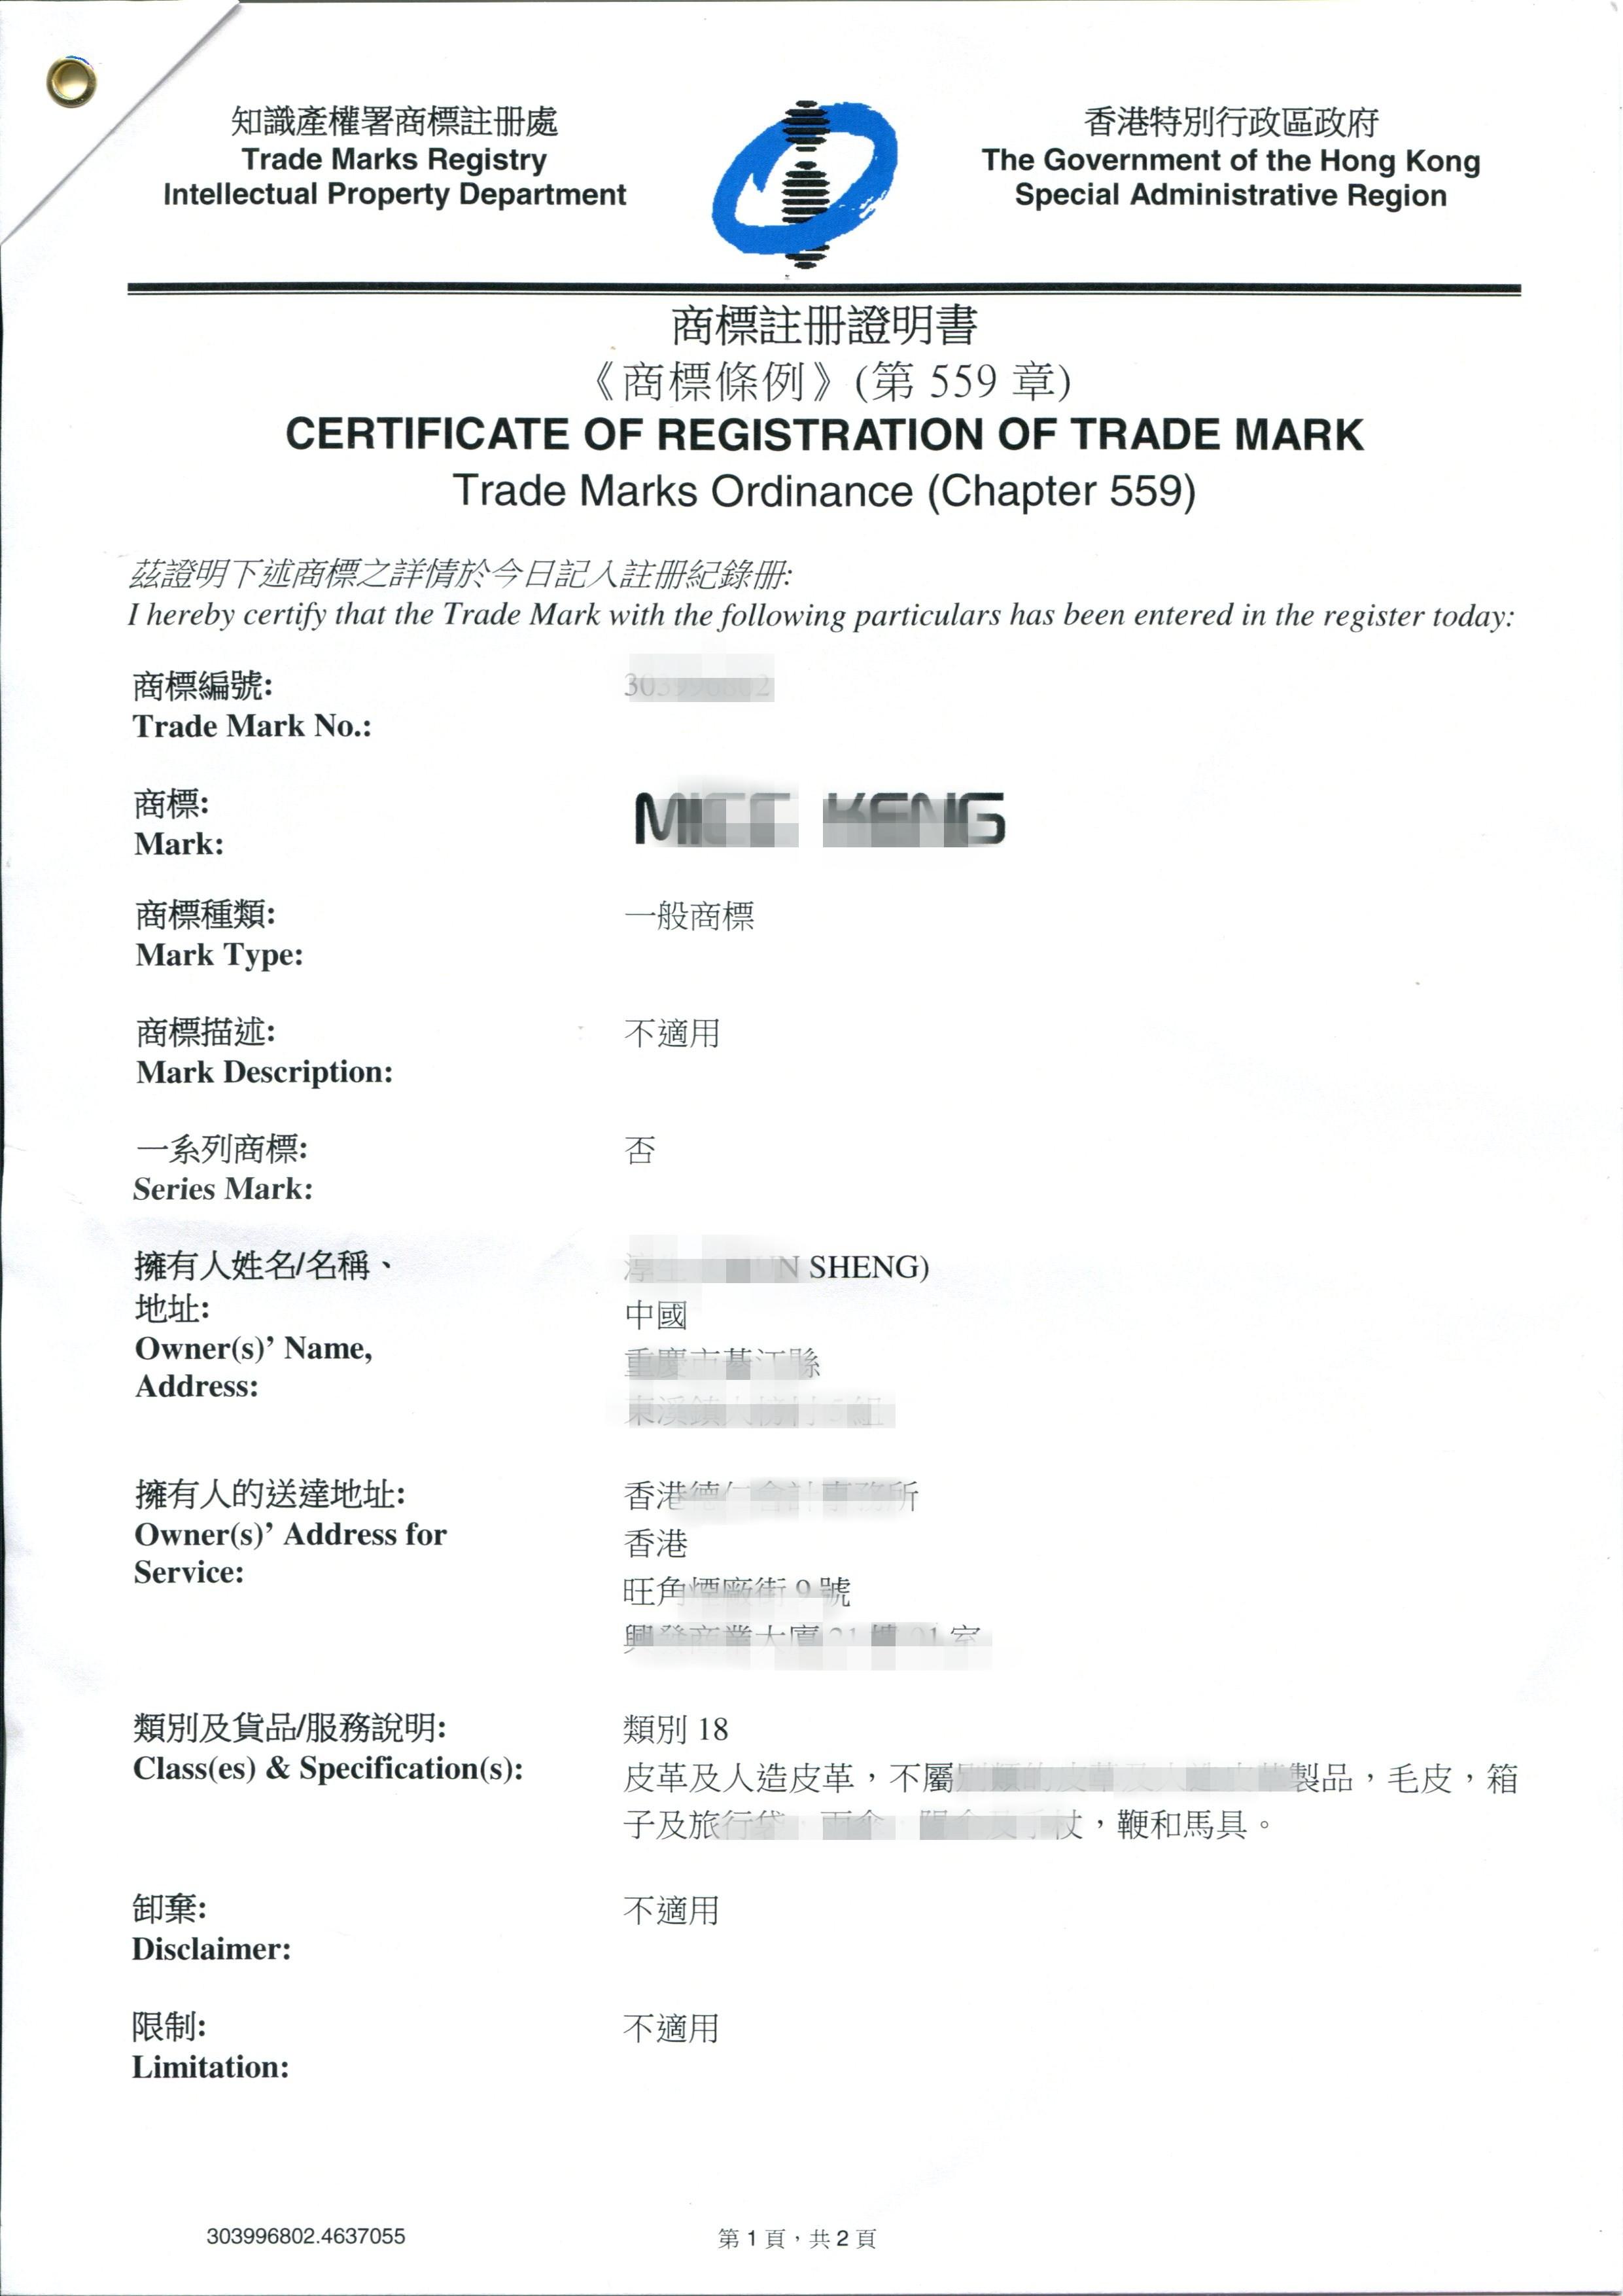 香港商标注册